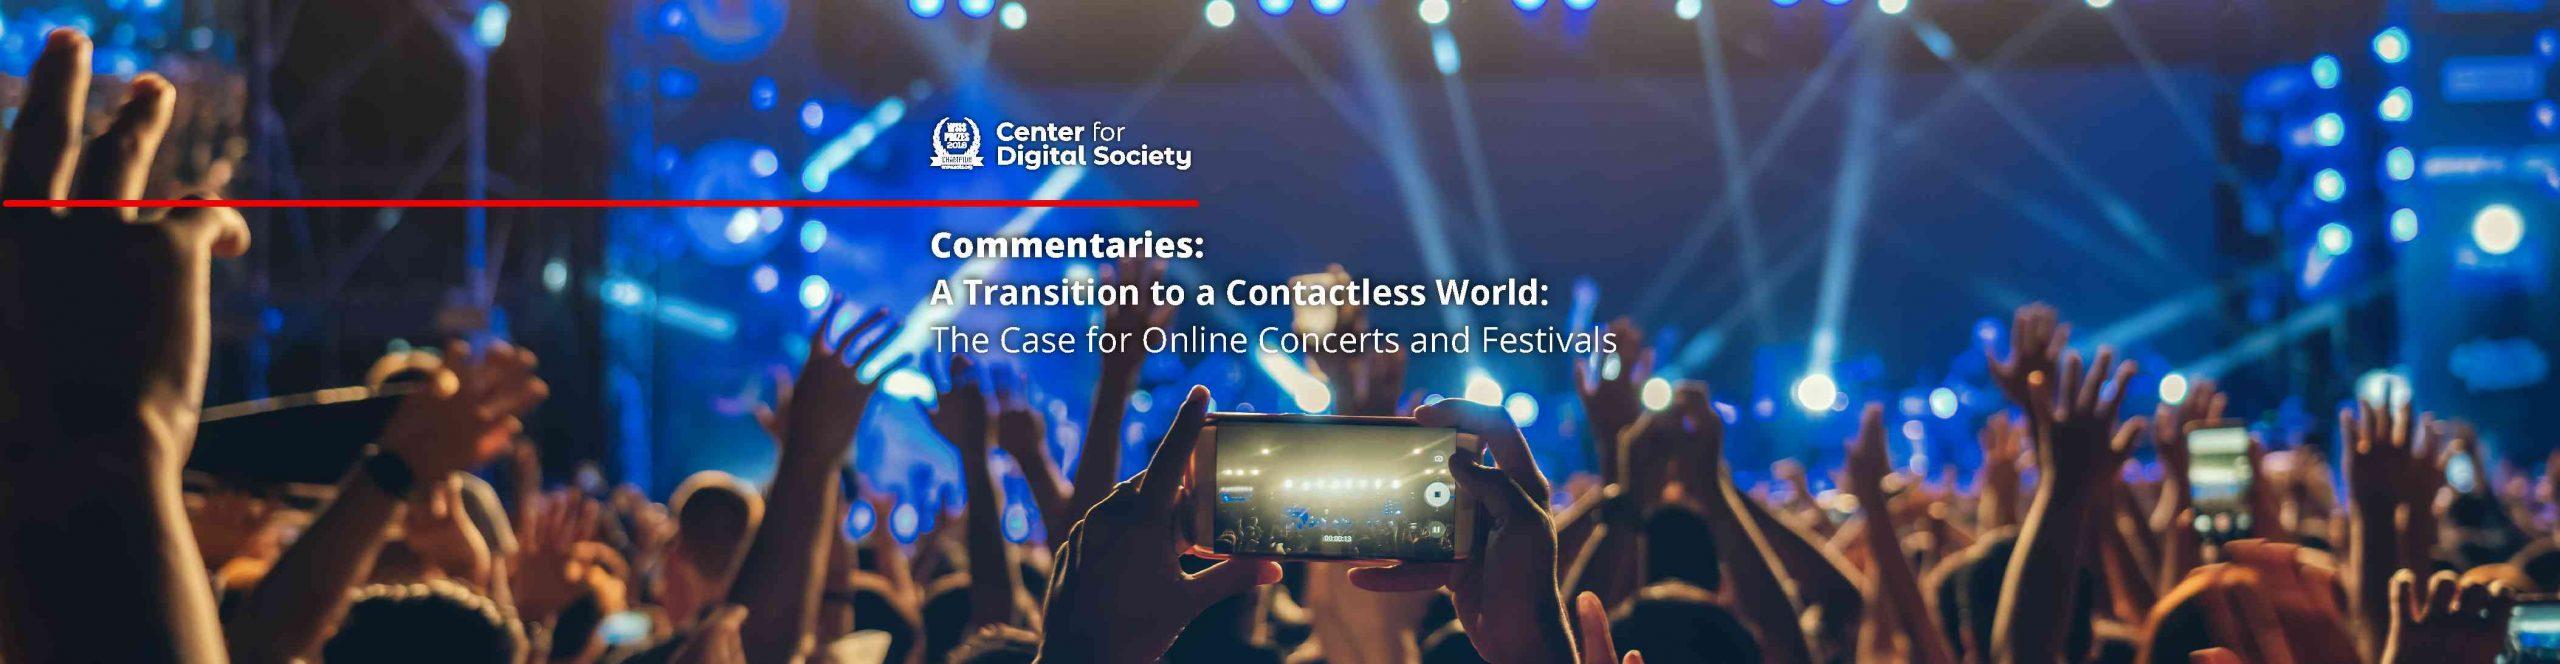 Transisi ke Kehidupan Berjarak: Sebuah Kasus untuk Konser dan Festival Secara Daring